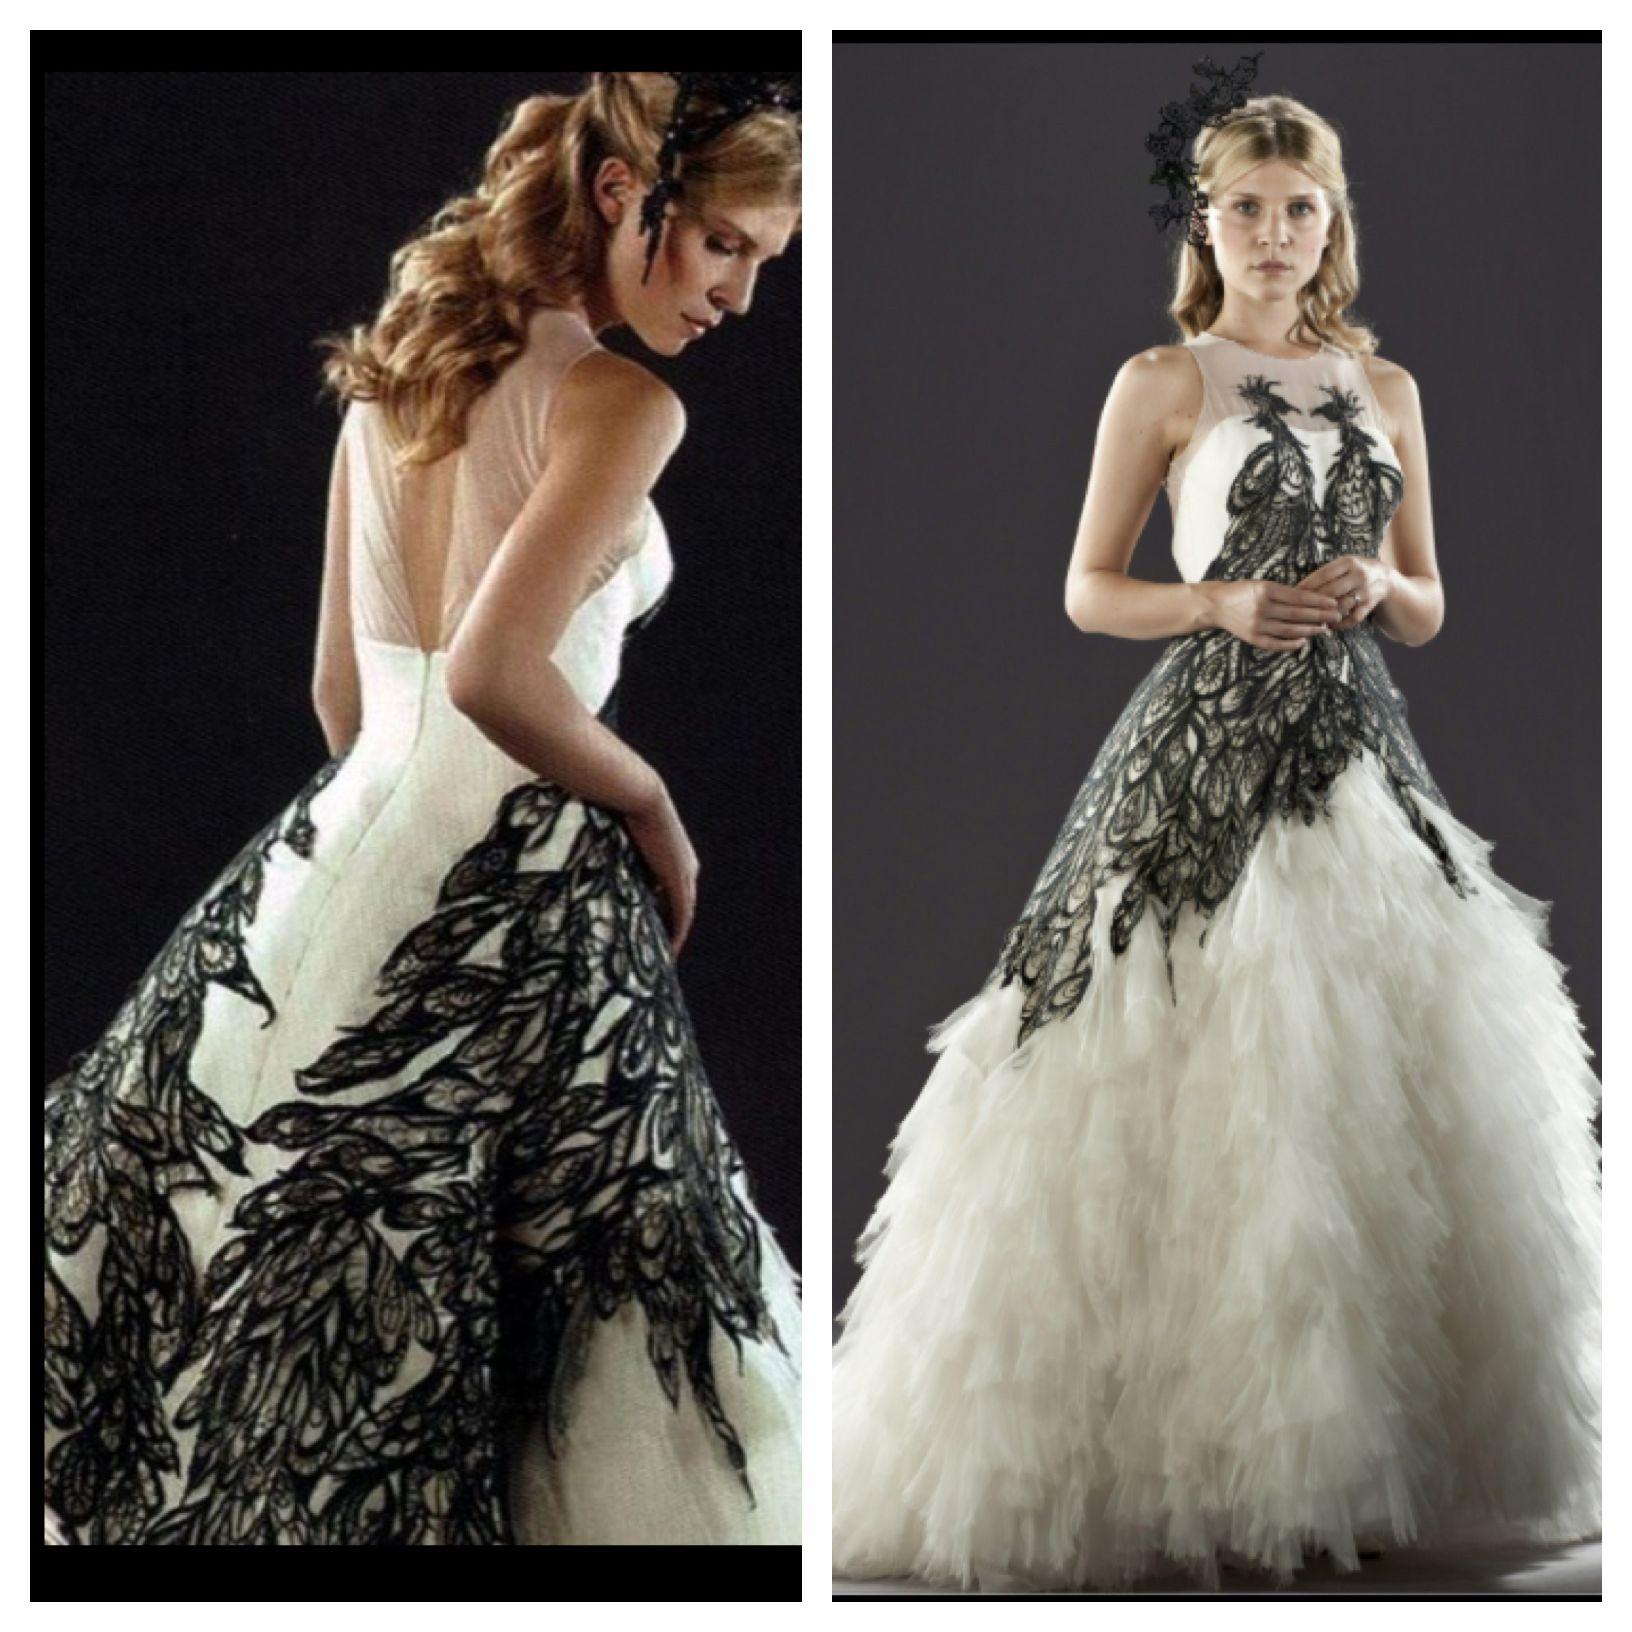 Fleur Delacour 39 S Wedding Dress Absolutely Love I Do